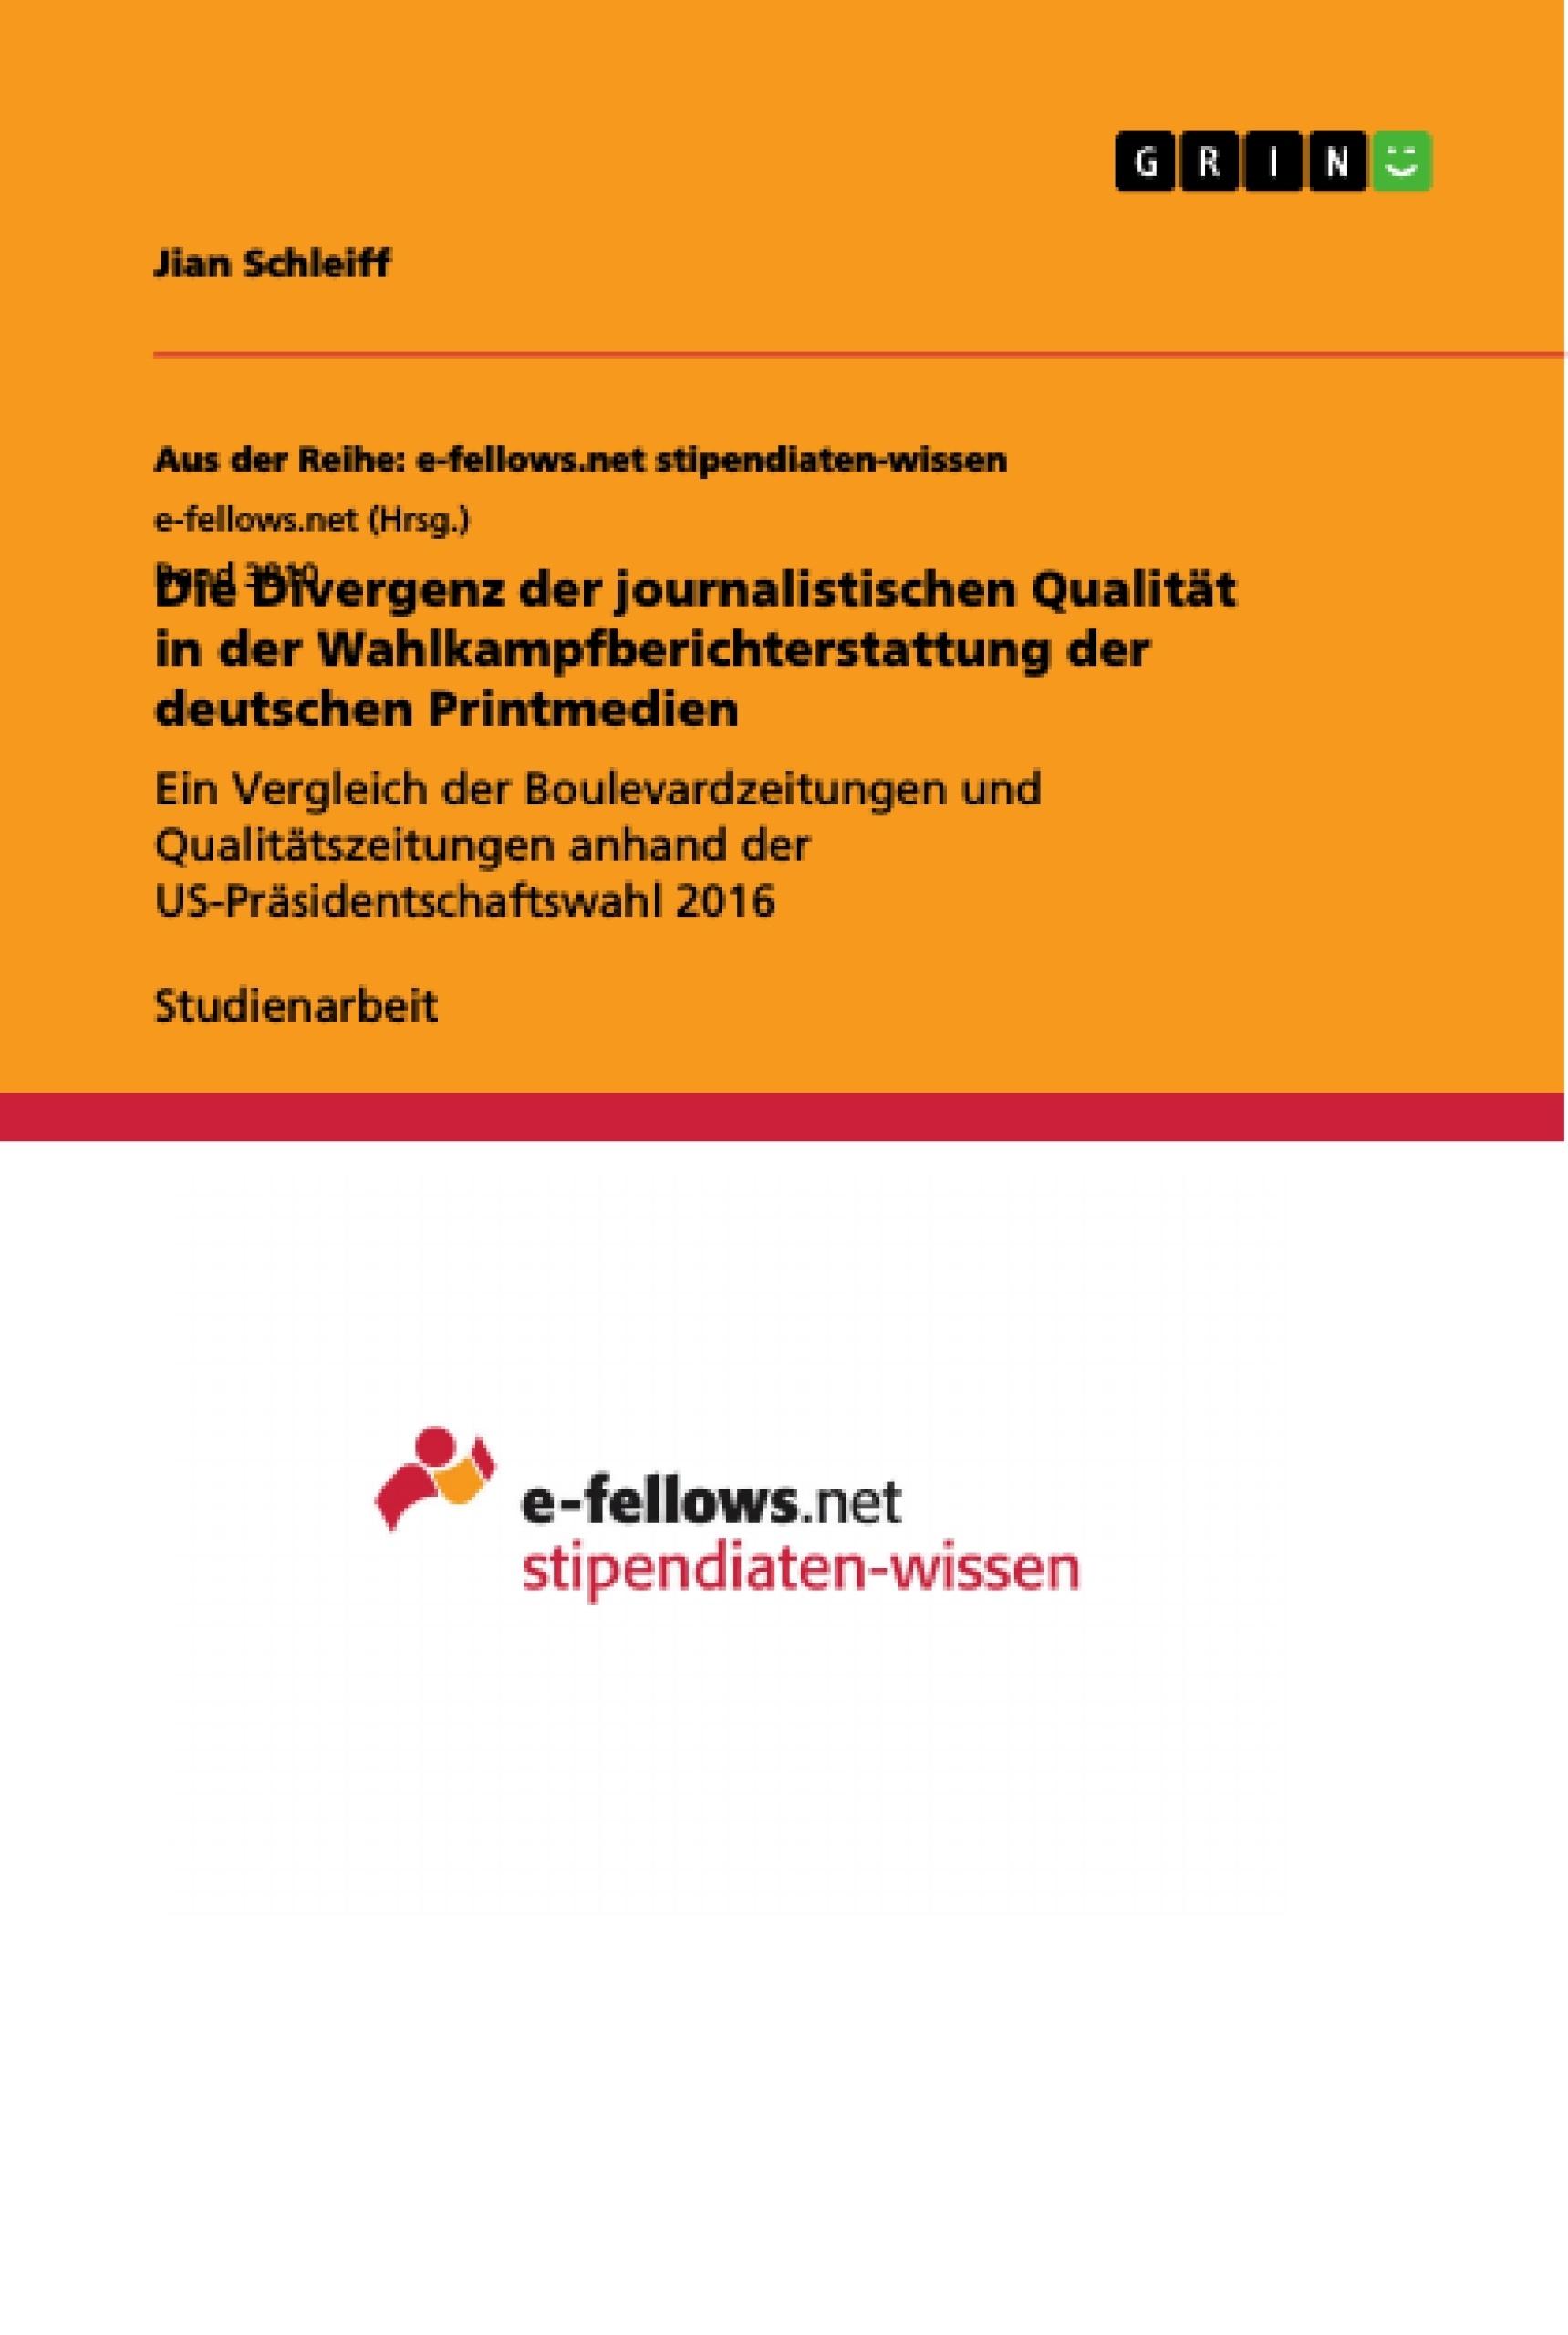 Titel: Die Divergenz der journalistischen Qualität in der Wahlkampfberichterstattung der deutschen Printmedien